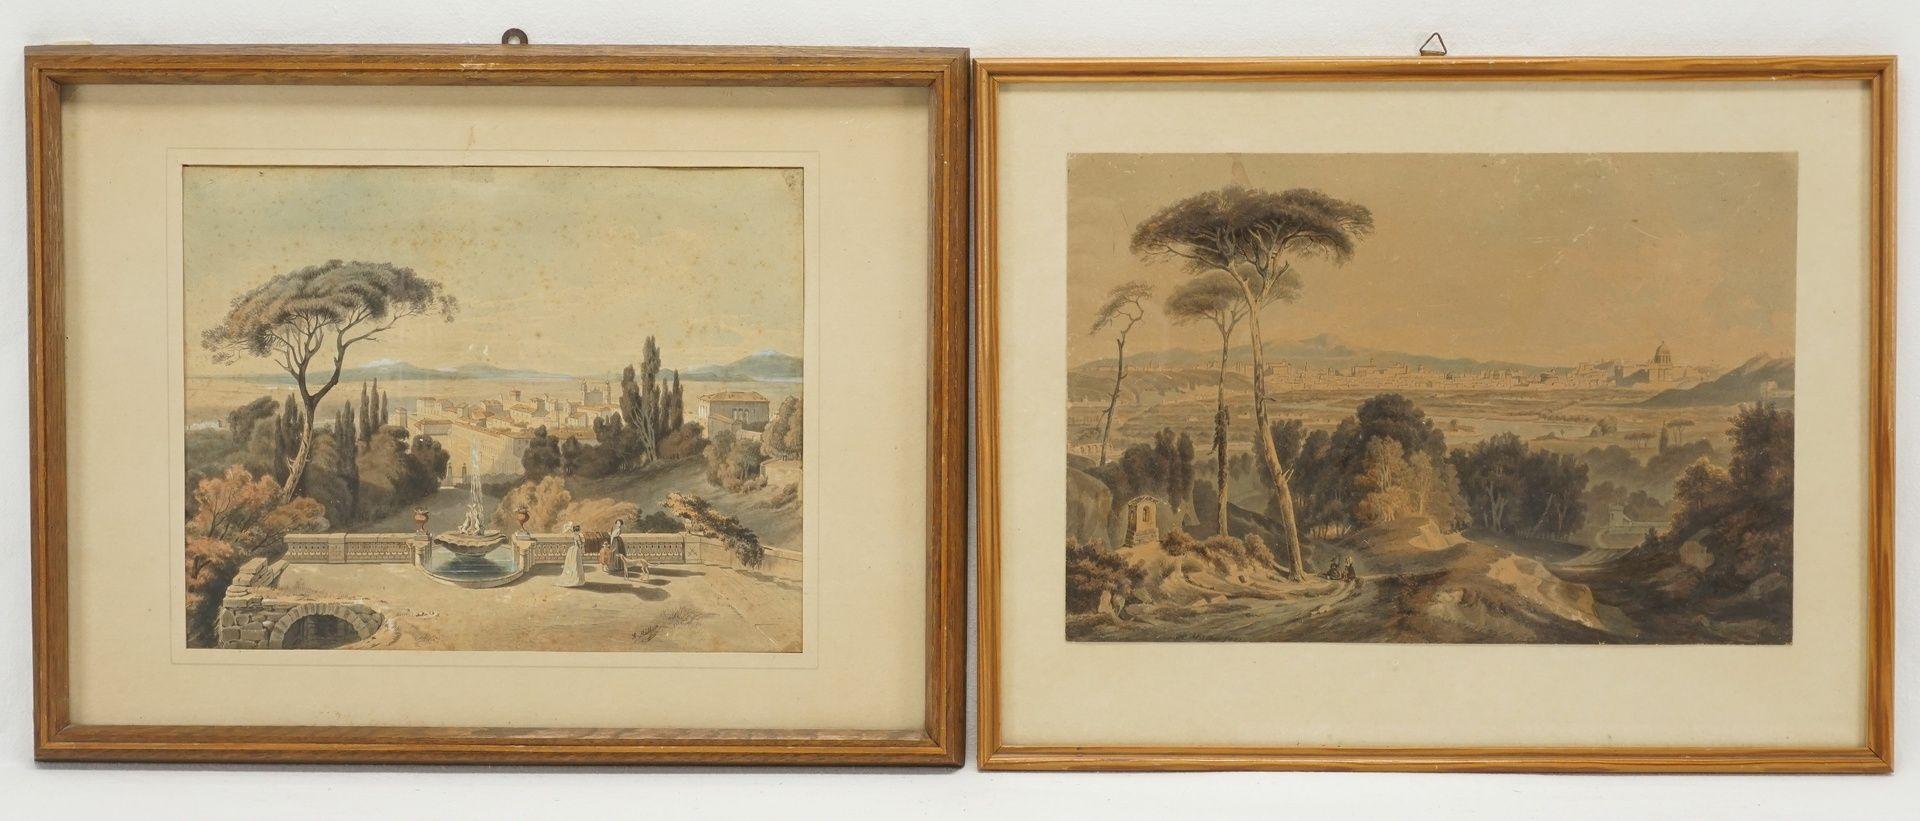 A. Müller, Zwei Lithografien